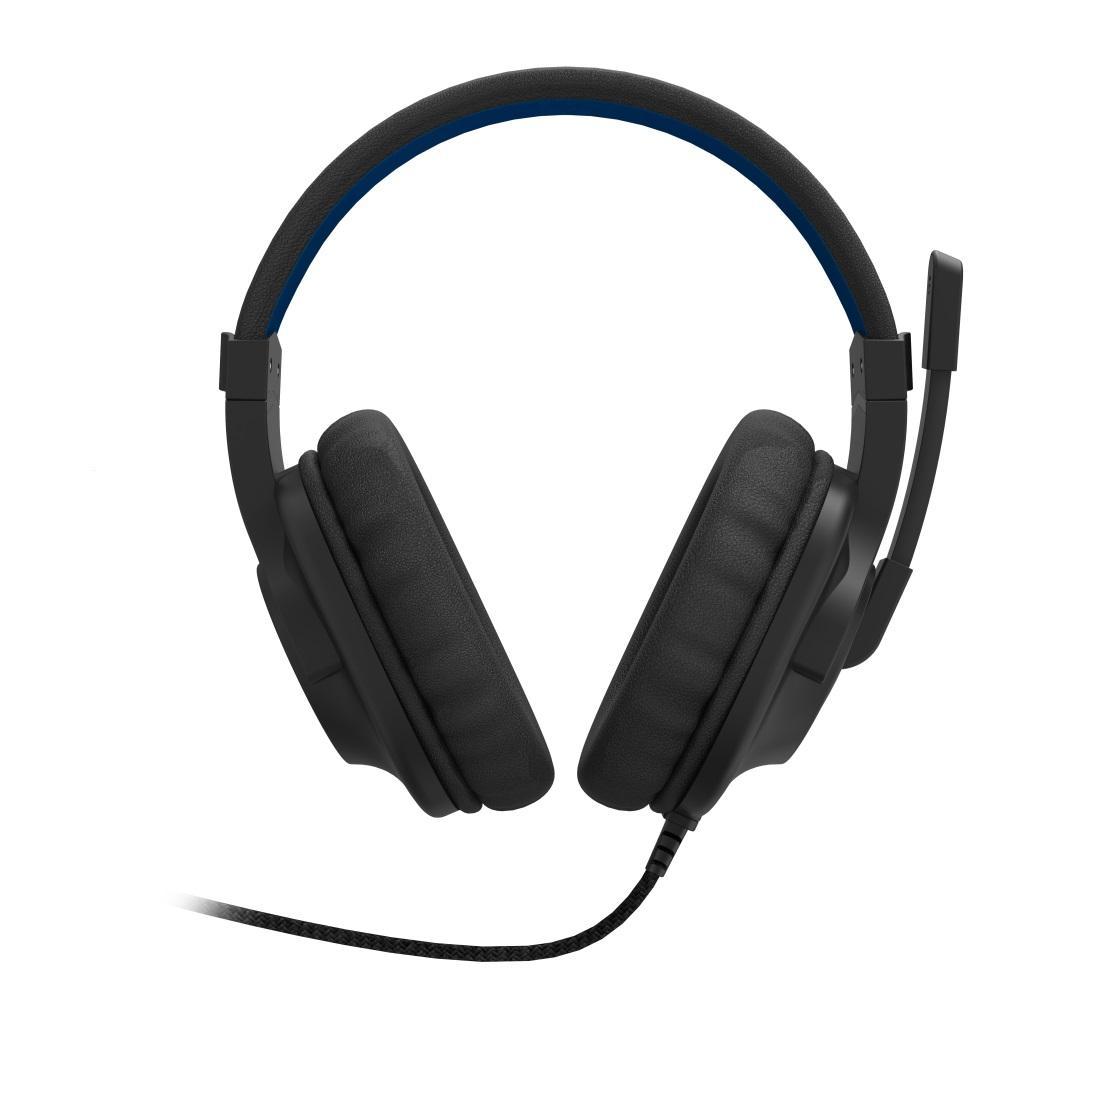 Геймърски слушалки Hama uRage Soundz 320 7.1, Микрофон, USB, Черен-4